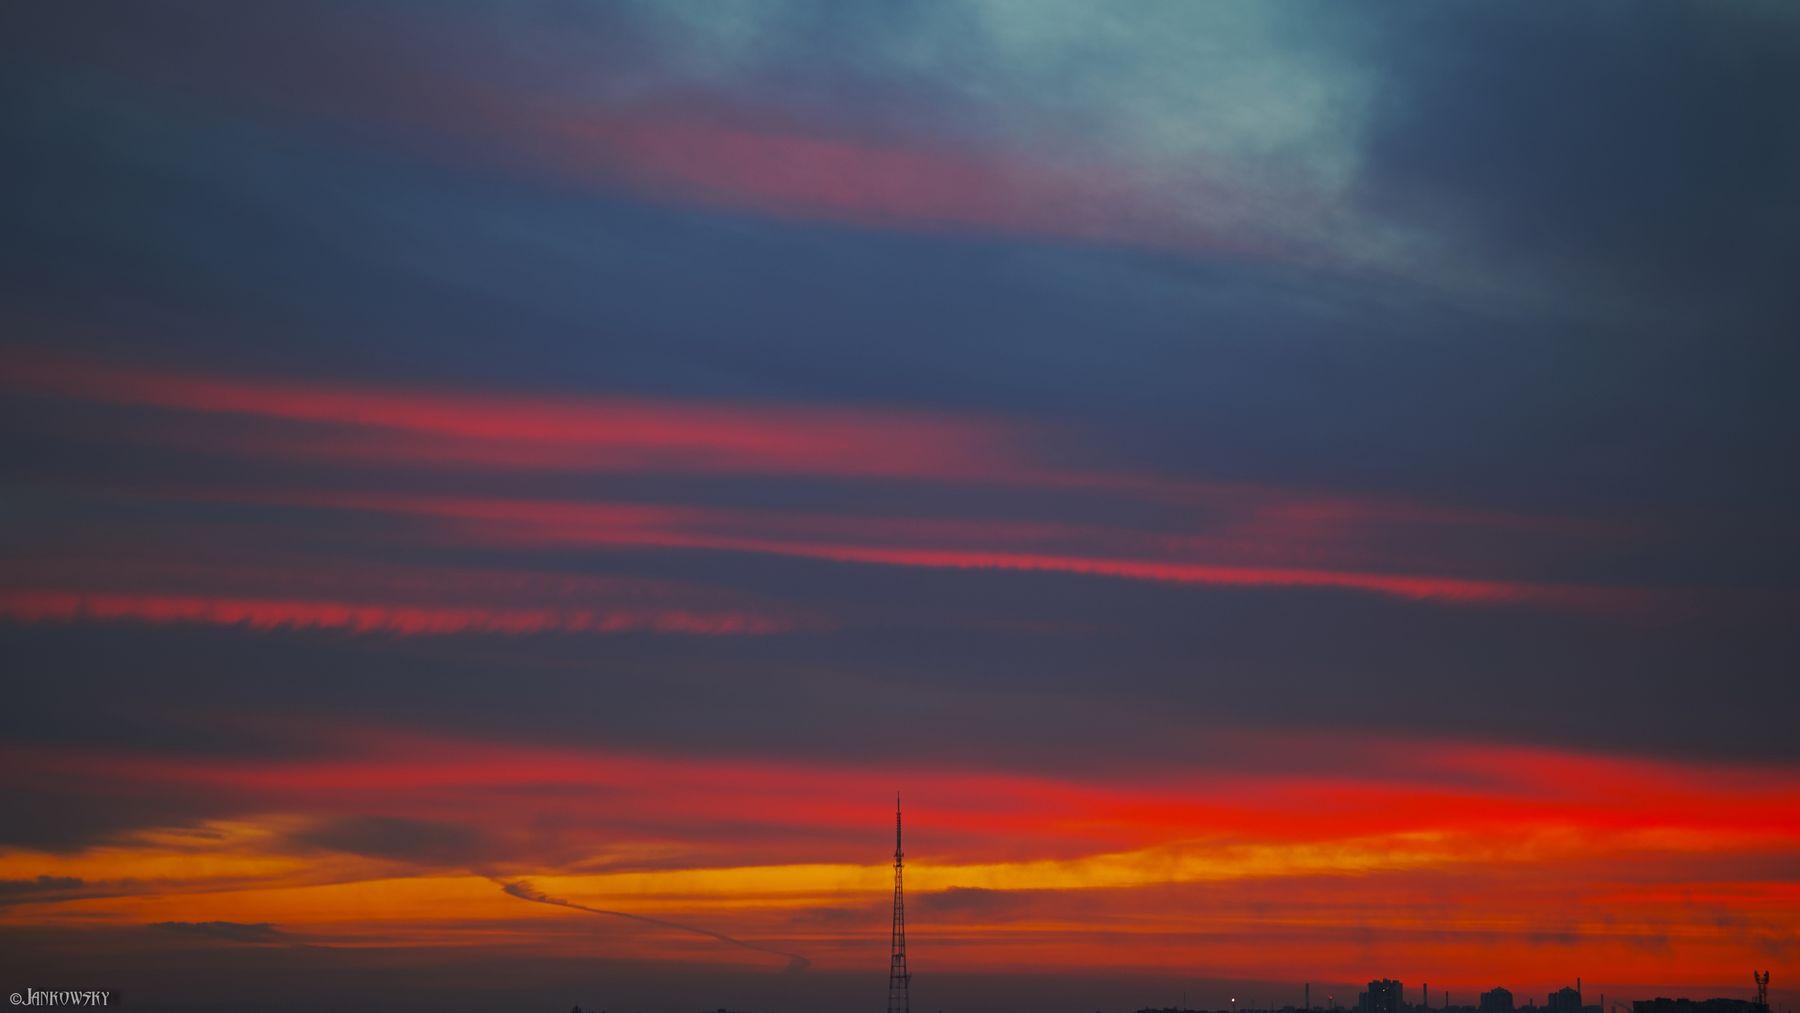 Foveon-безумие Омского неба 12.05.21 foveon sigma dp3 quattro омск закат небо градиент полосы красный оранжевый